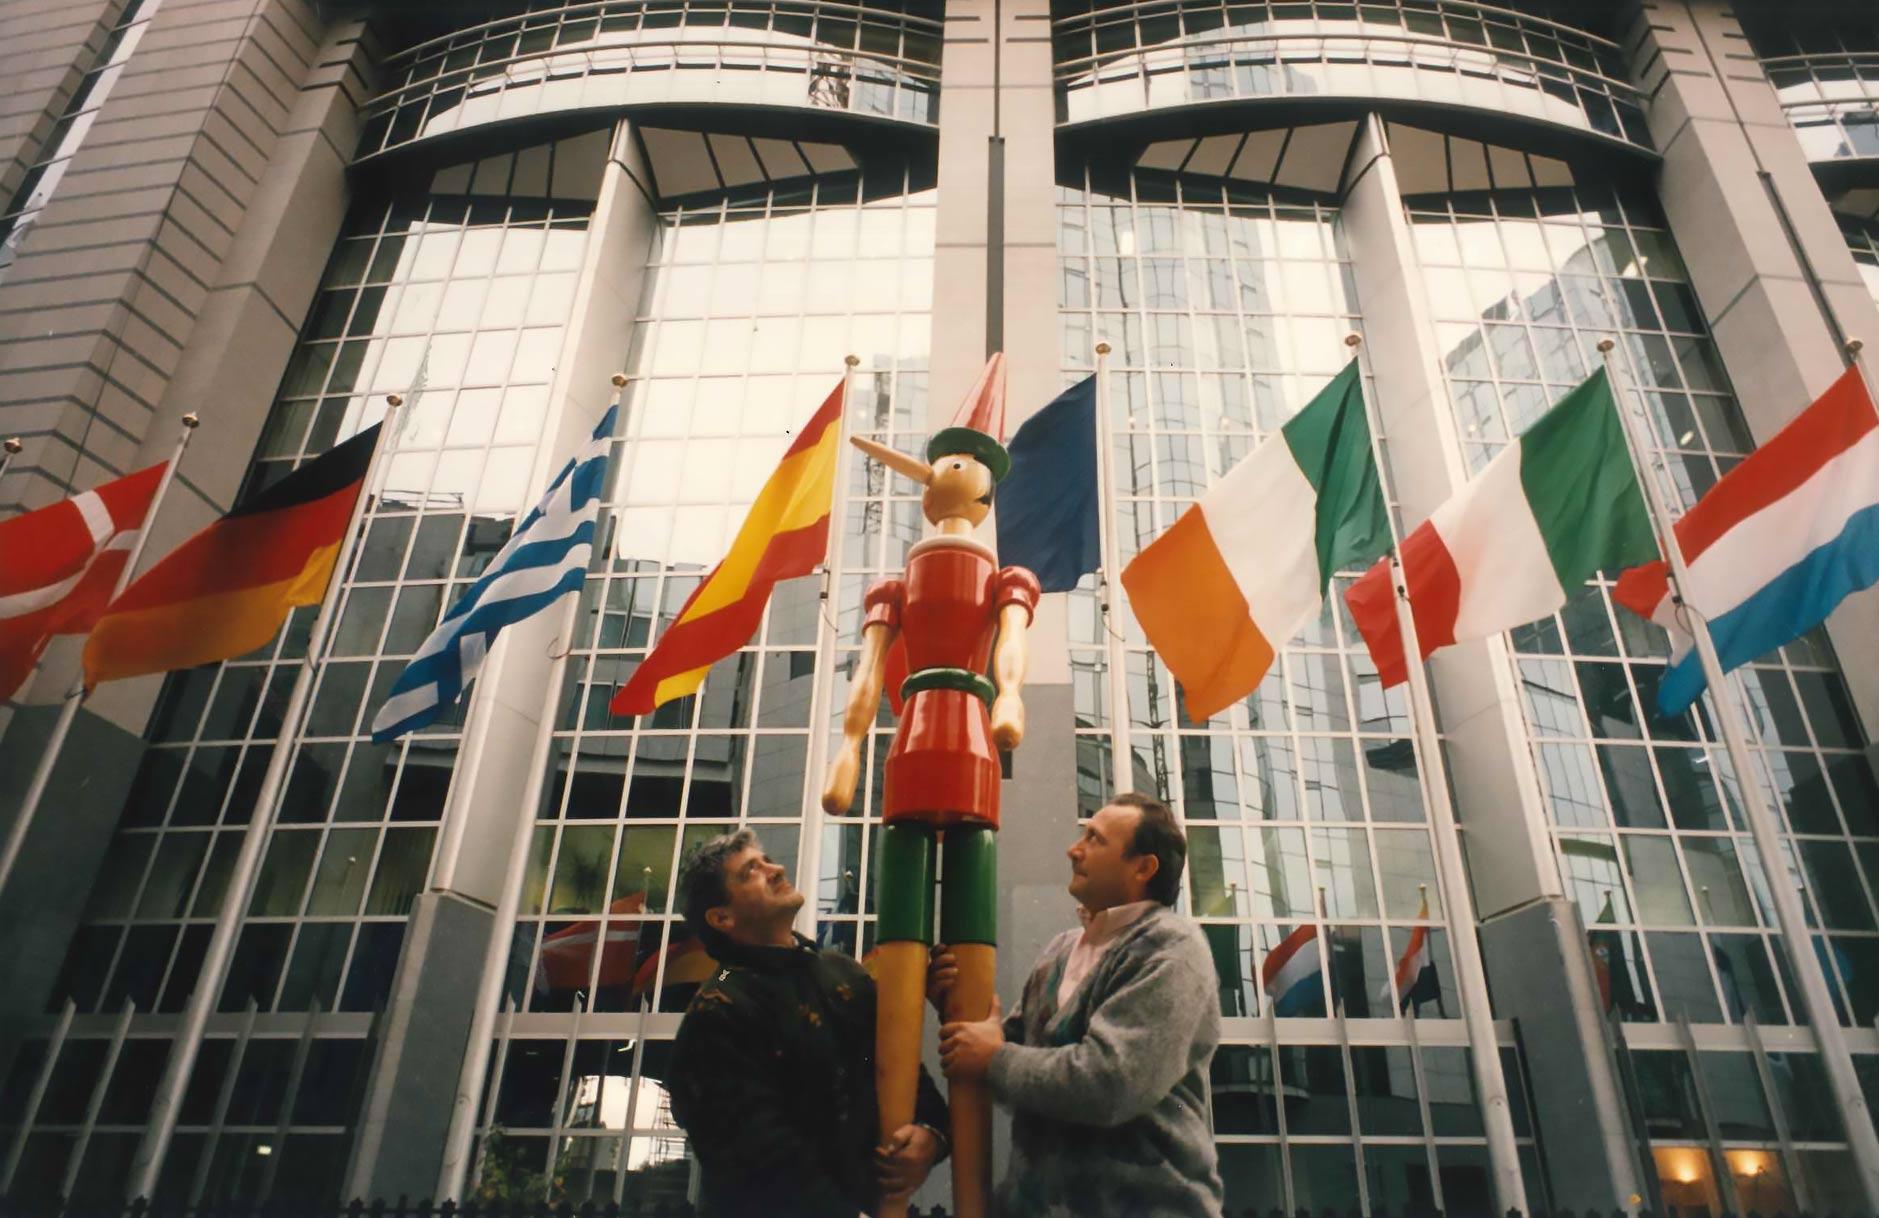 Bruxelles, Parlamento Europeo, 28 novembre 1995: Pinocchio entra in parlamento